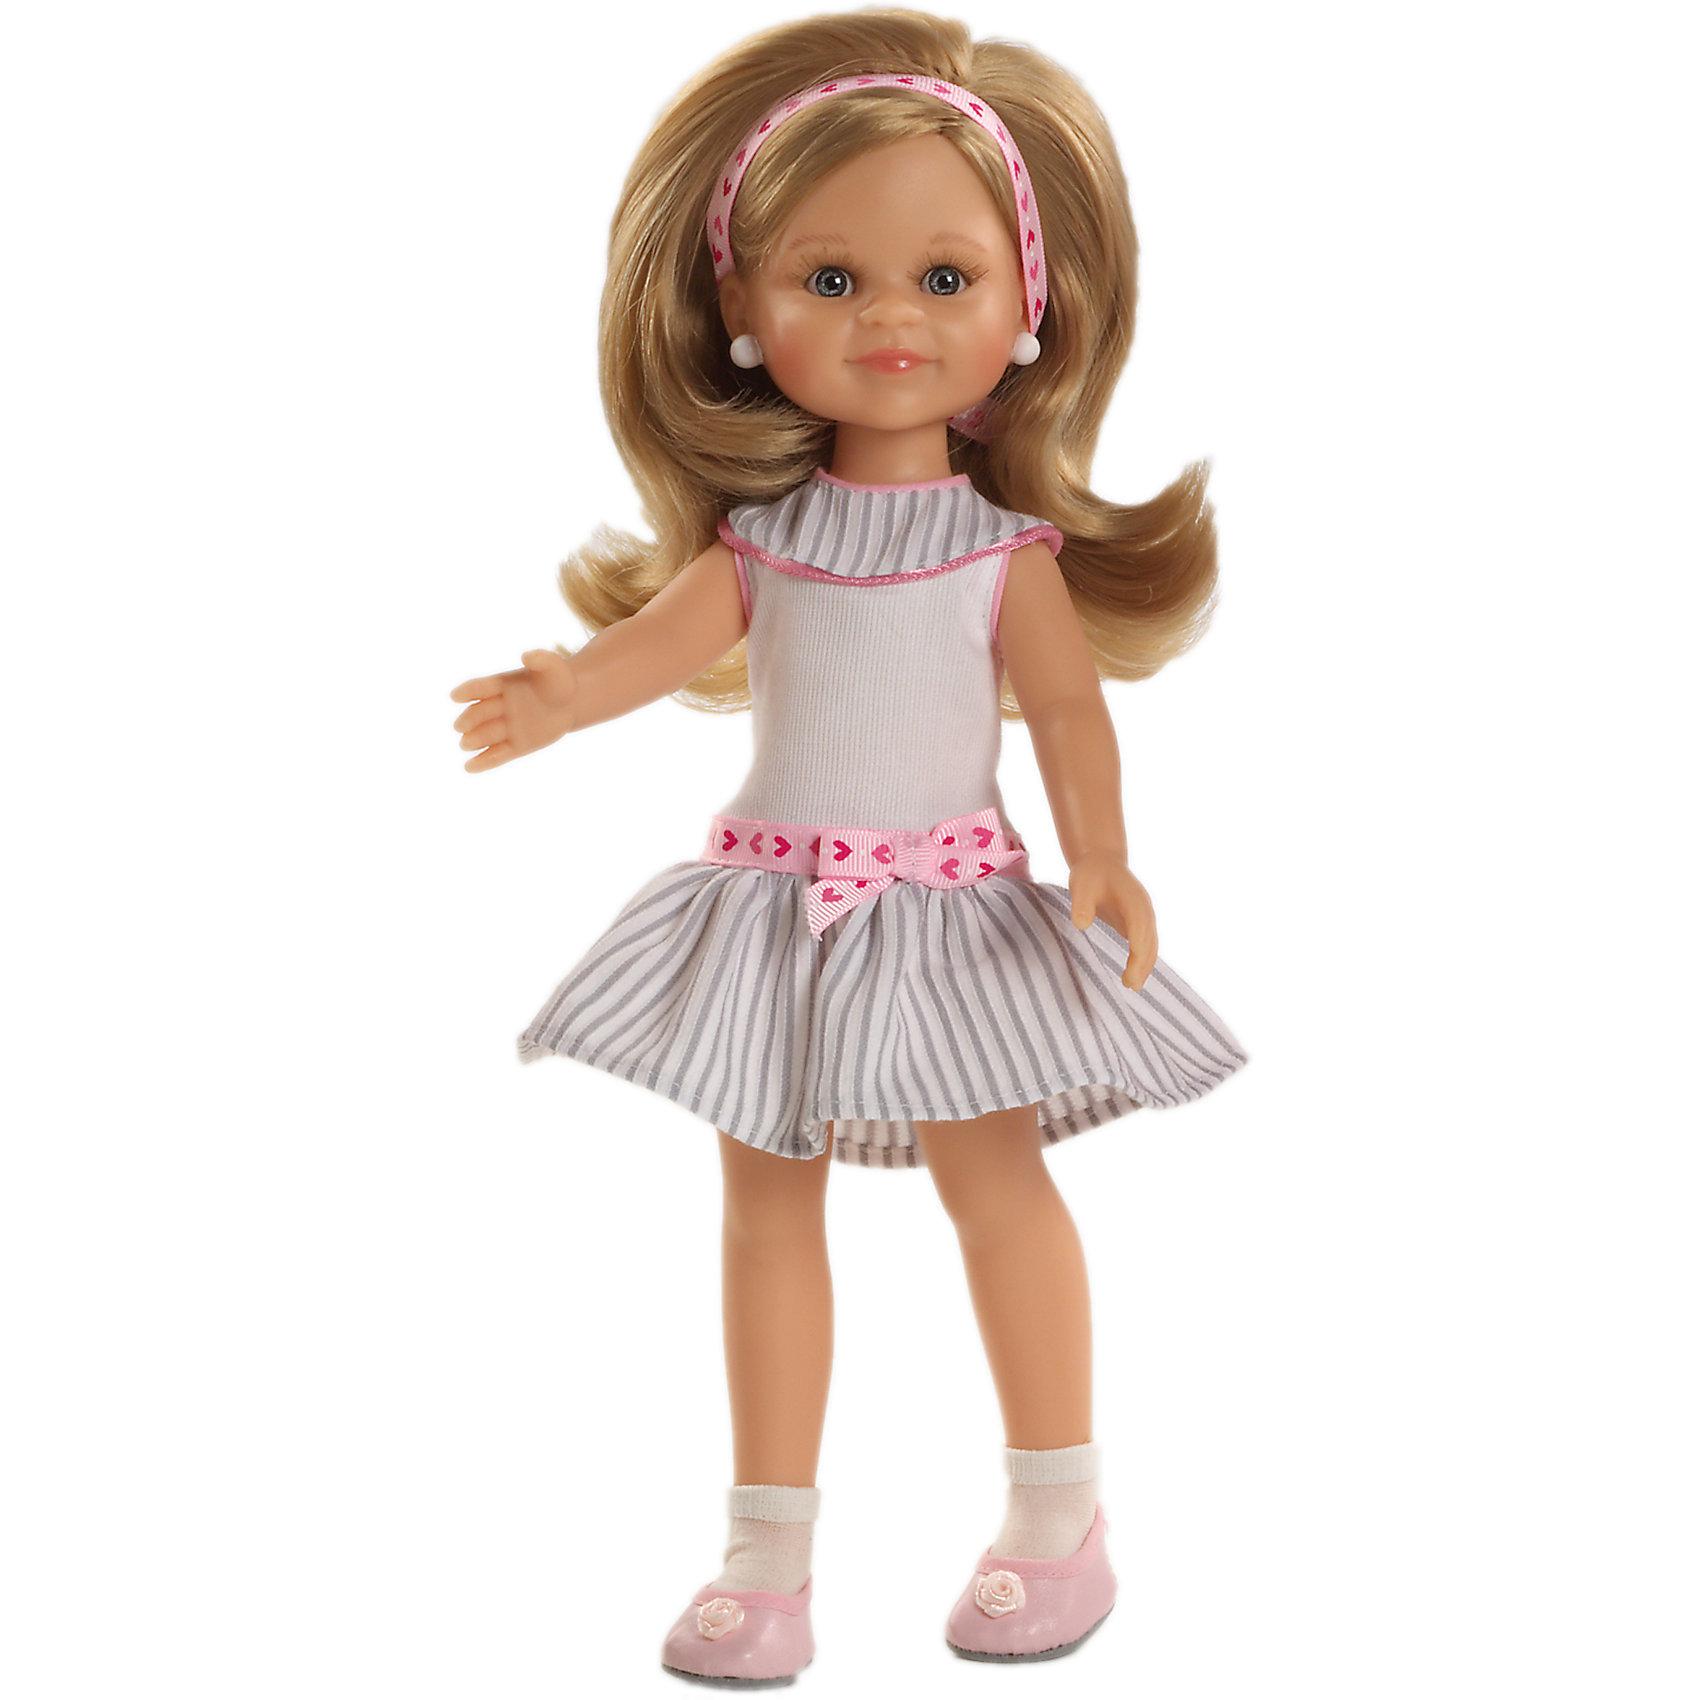 Кукла Клэр, 32 см, Paola ReinaКлассические куклы<br>Кукла имеет нежный ванильный аромат; уникальный и неповторимый дизайн лица и тела; ручная работа (ресницы, веснушки, щечки, губы, прическа); волосы легко расчесываются и блестят; ручки, ножки и голова поворачиваются. <br>Качество подтверждено нормами безопасности EN17 ЕЭС. <br>Материалы: кукла изготовлена из винила; глаза выполнены в виде кристалла из прозрачного твердого пластика; волосы сделаны из высококачественного нейлона.<br><br>Ширина мм: 110<br>Глубина мм: 230<br>Высота мм: 410<br>Вес г: 667<br>Возраст от месяцев: 36<br>Возраст до месяцев: 144<br>Пол: Женский<br>Возраст: Детский<br>SKU: 4795915